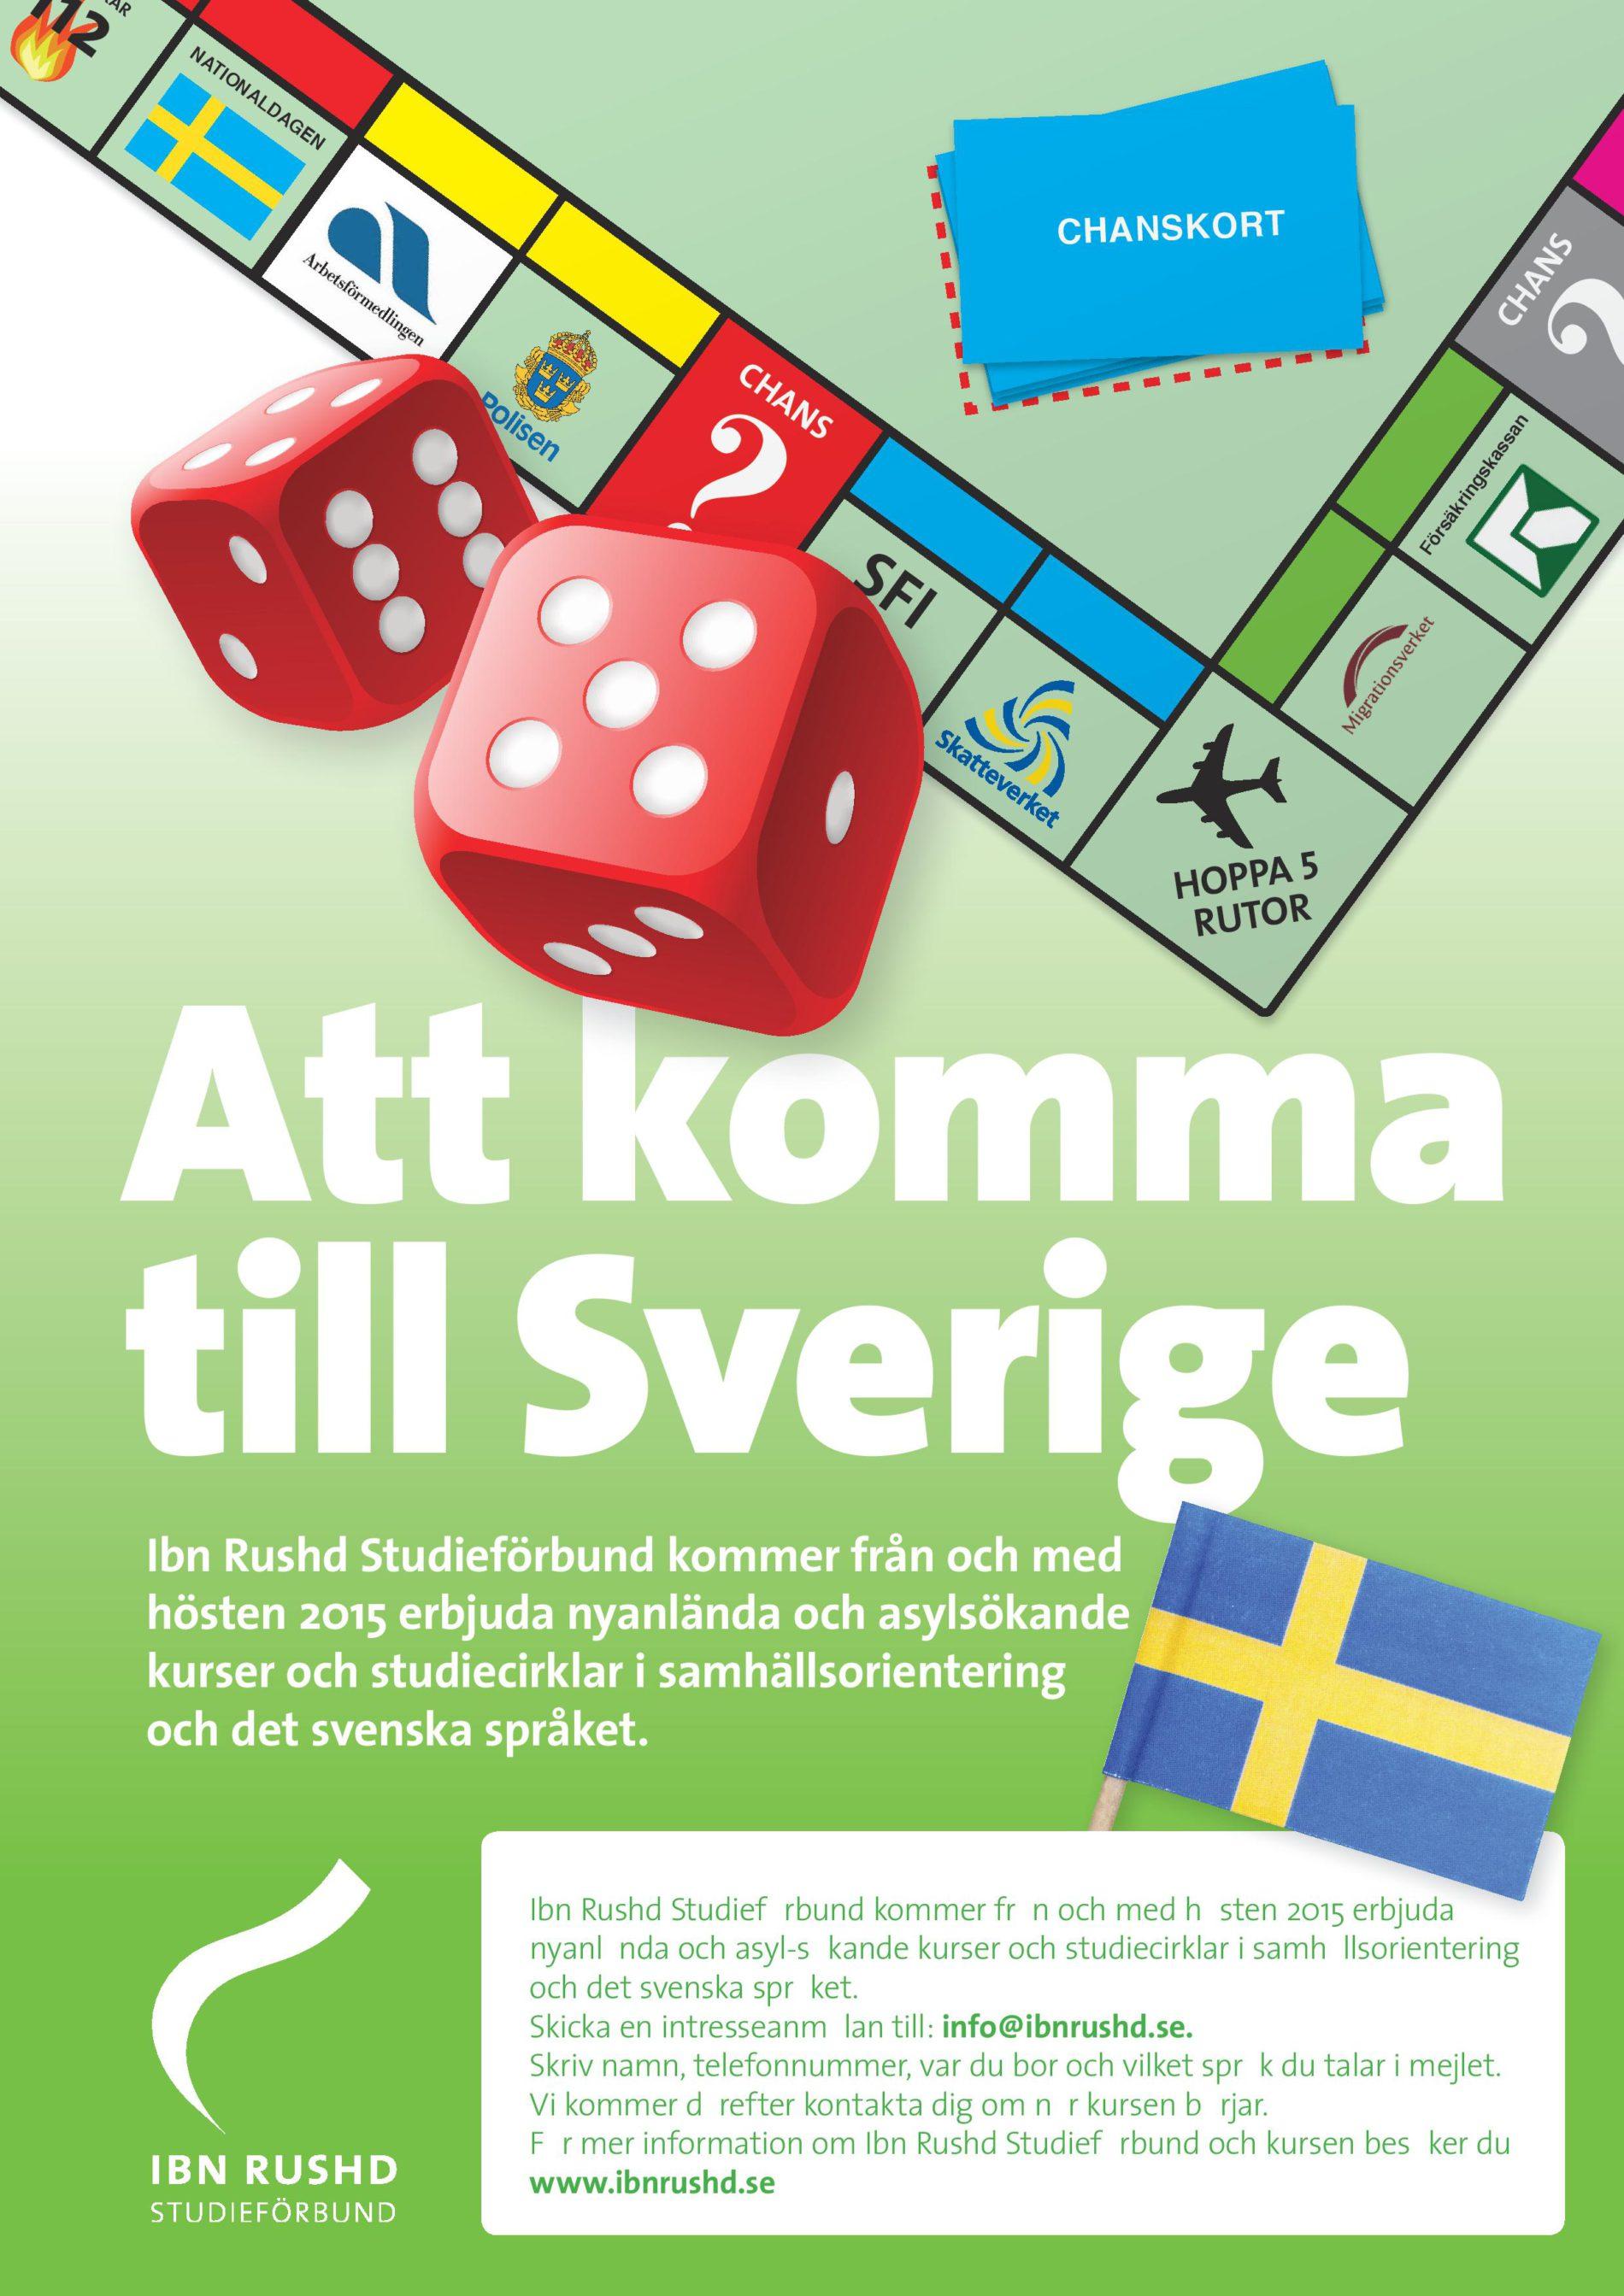 Att komma till Sverige – Ibn Rushd Studieförbunds verksamhet för asylsökande